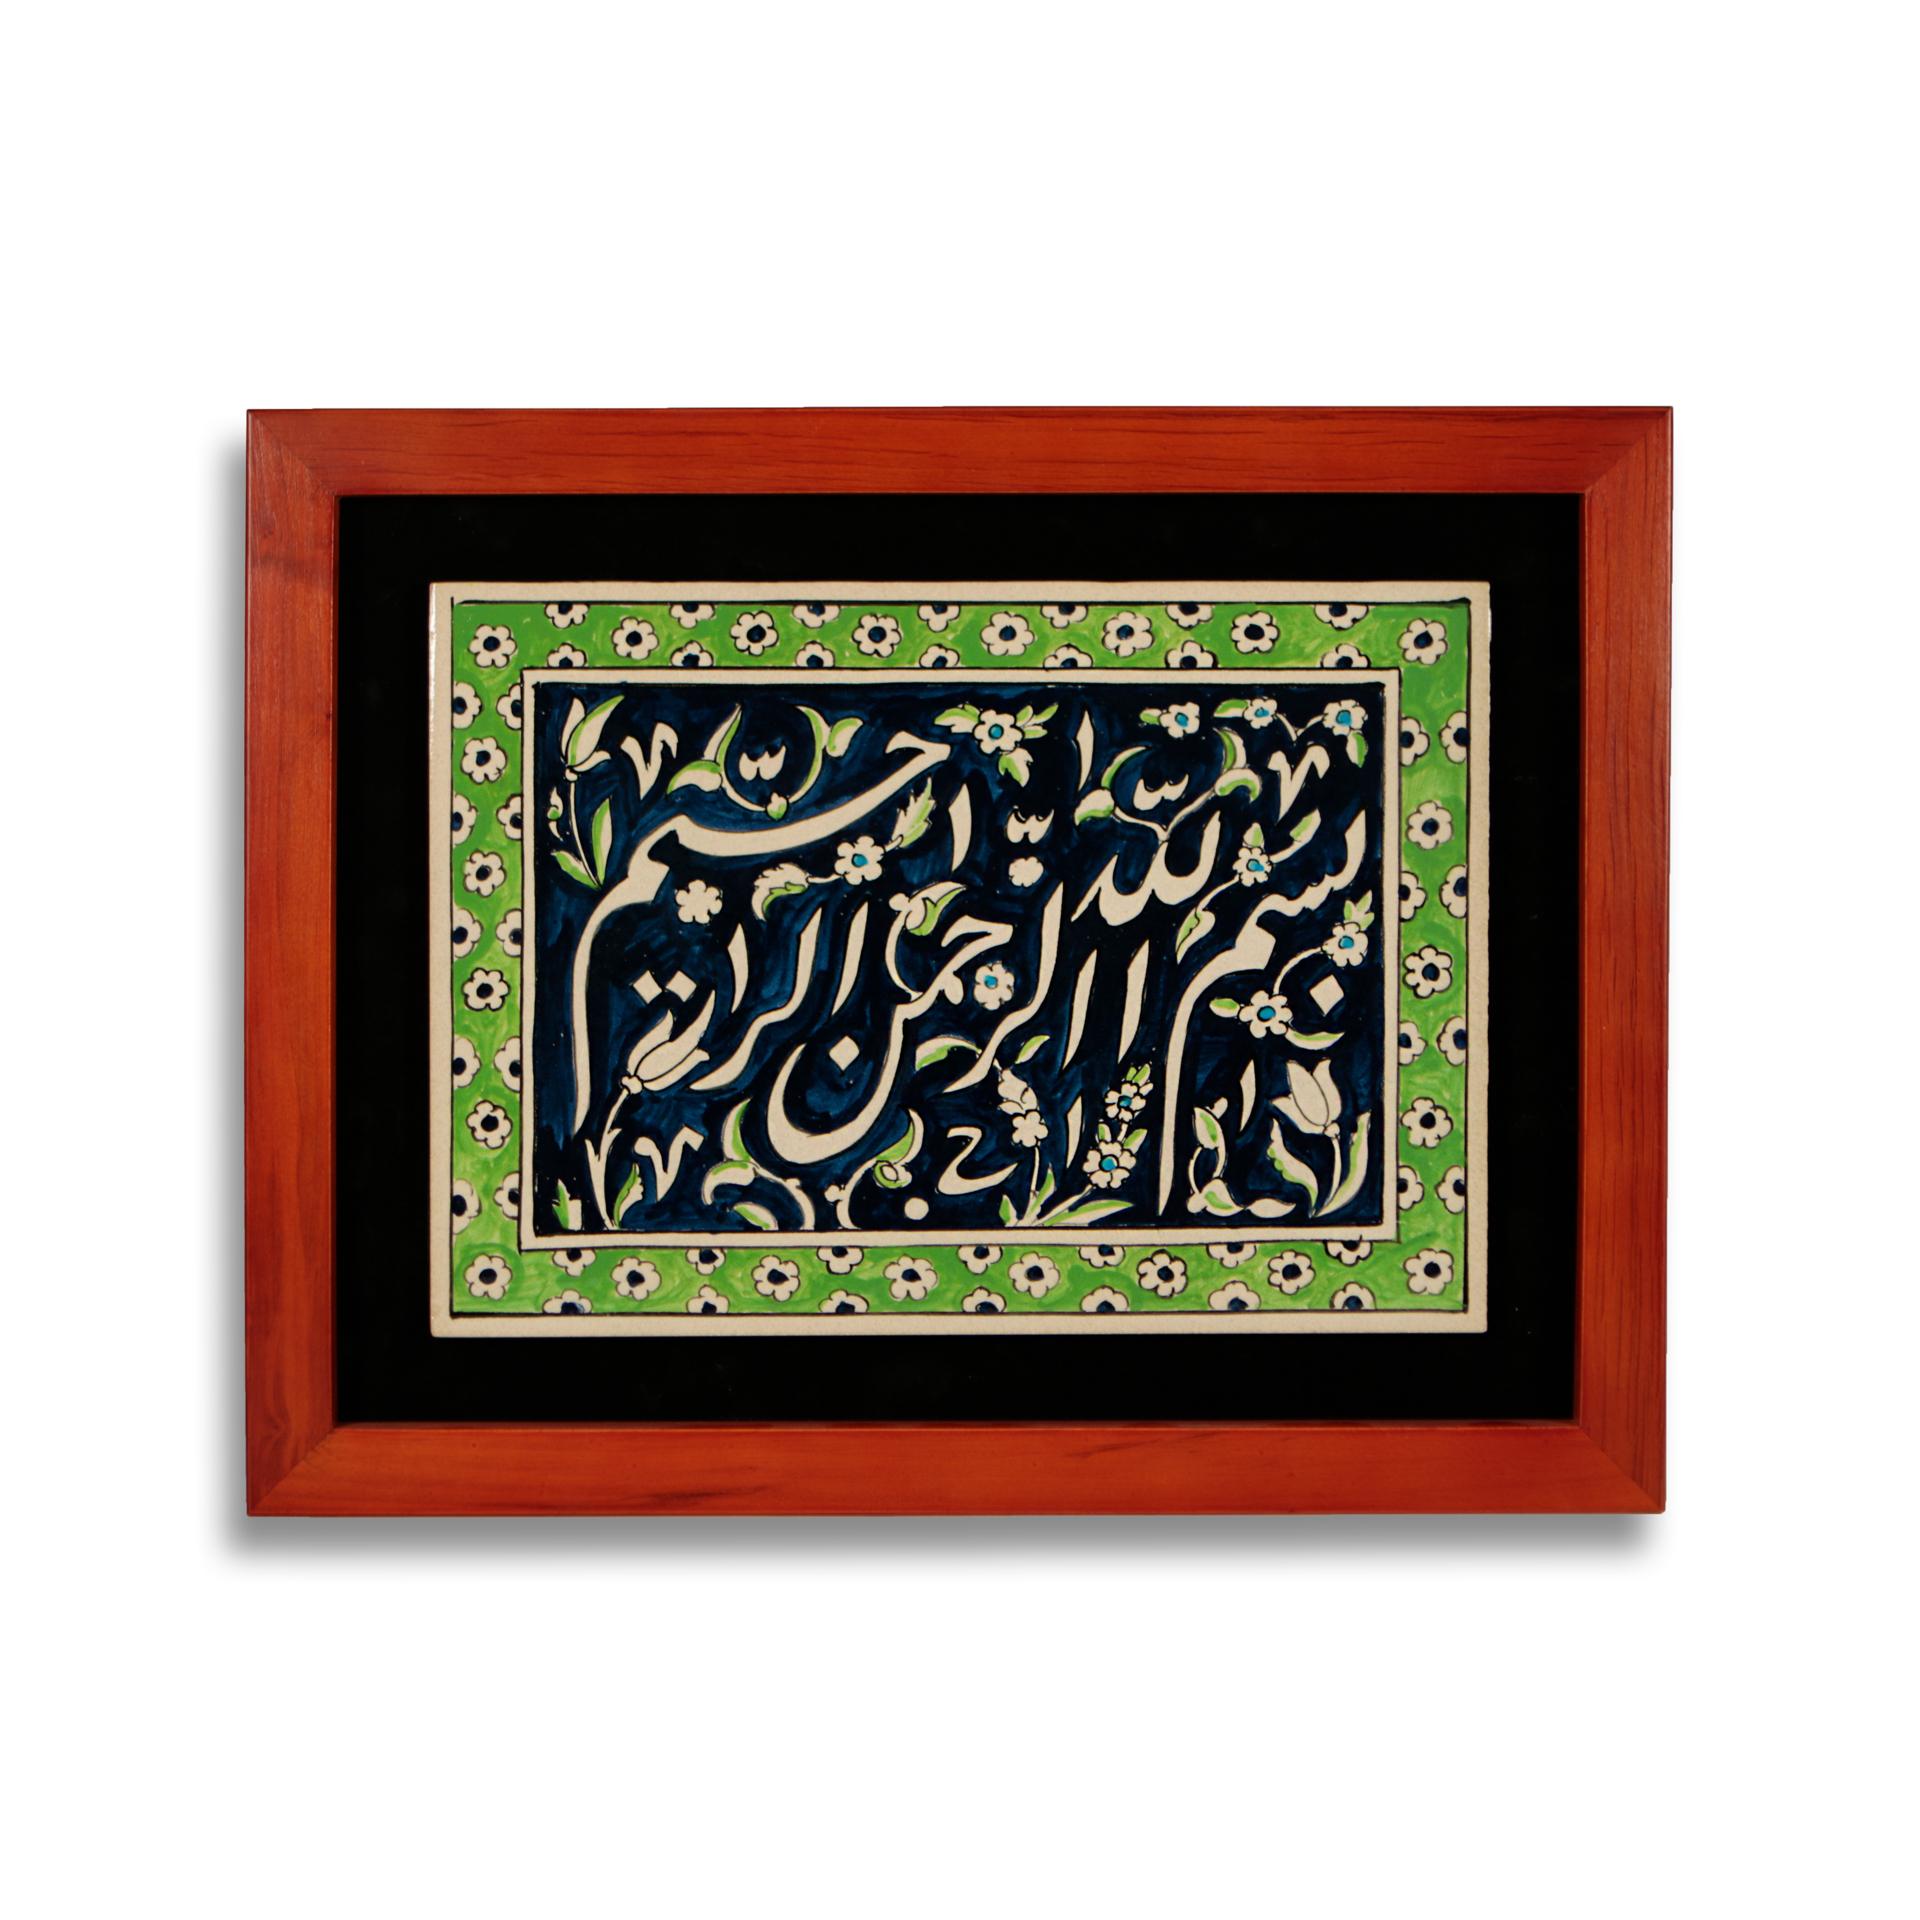 تصویر از قاب کاشی آسمان ۳ ۵۰×۴۰ (بسم الله)